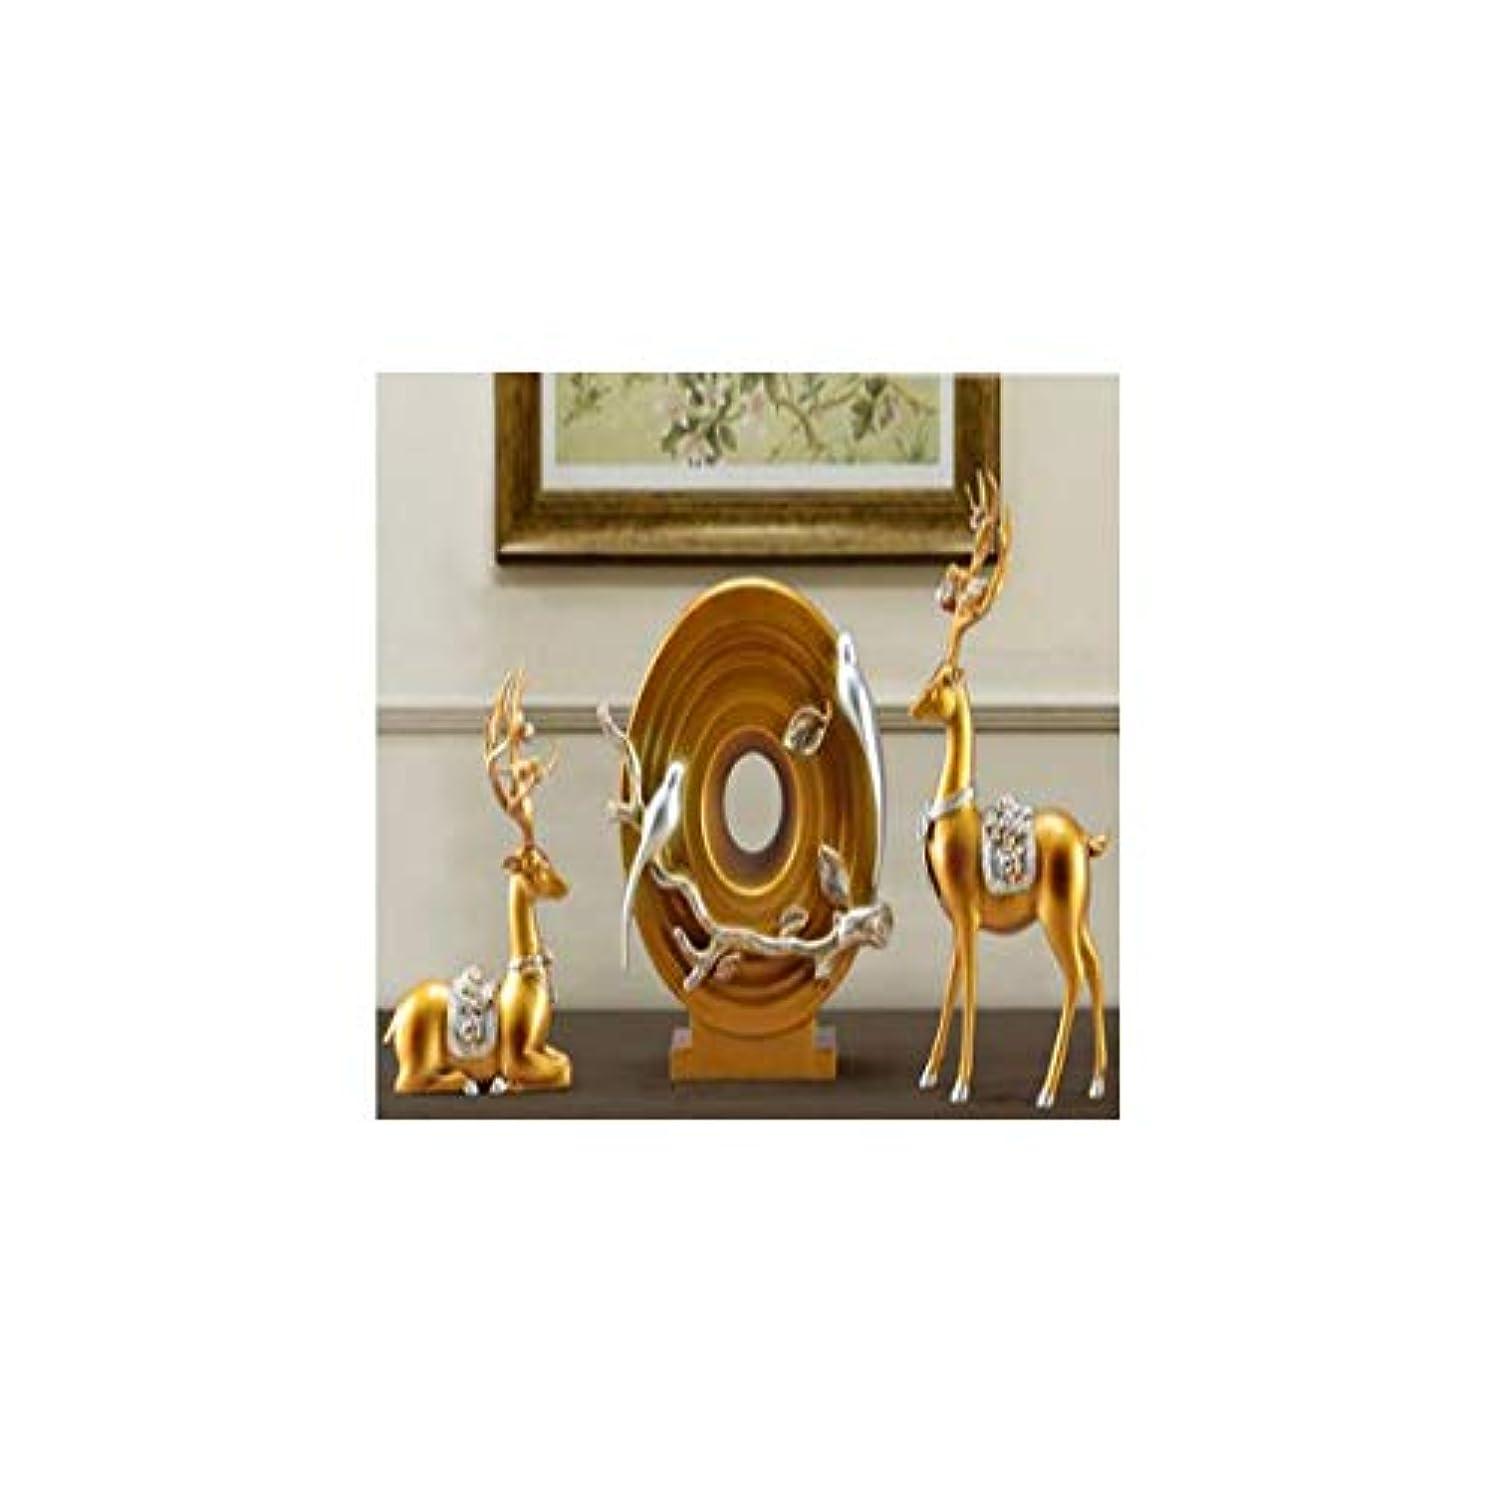 百年患者ペレットHongyushanghang クリエイティブアメリカン鹿の装飾品花瓶リビングルーム新しい家の結婚式のギフトワインキャビネットテレビキャビネットホームソフト装飾家具,、ジュエリークリエイティブホリデーギフトを掛ける (Color : B)